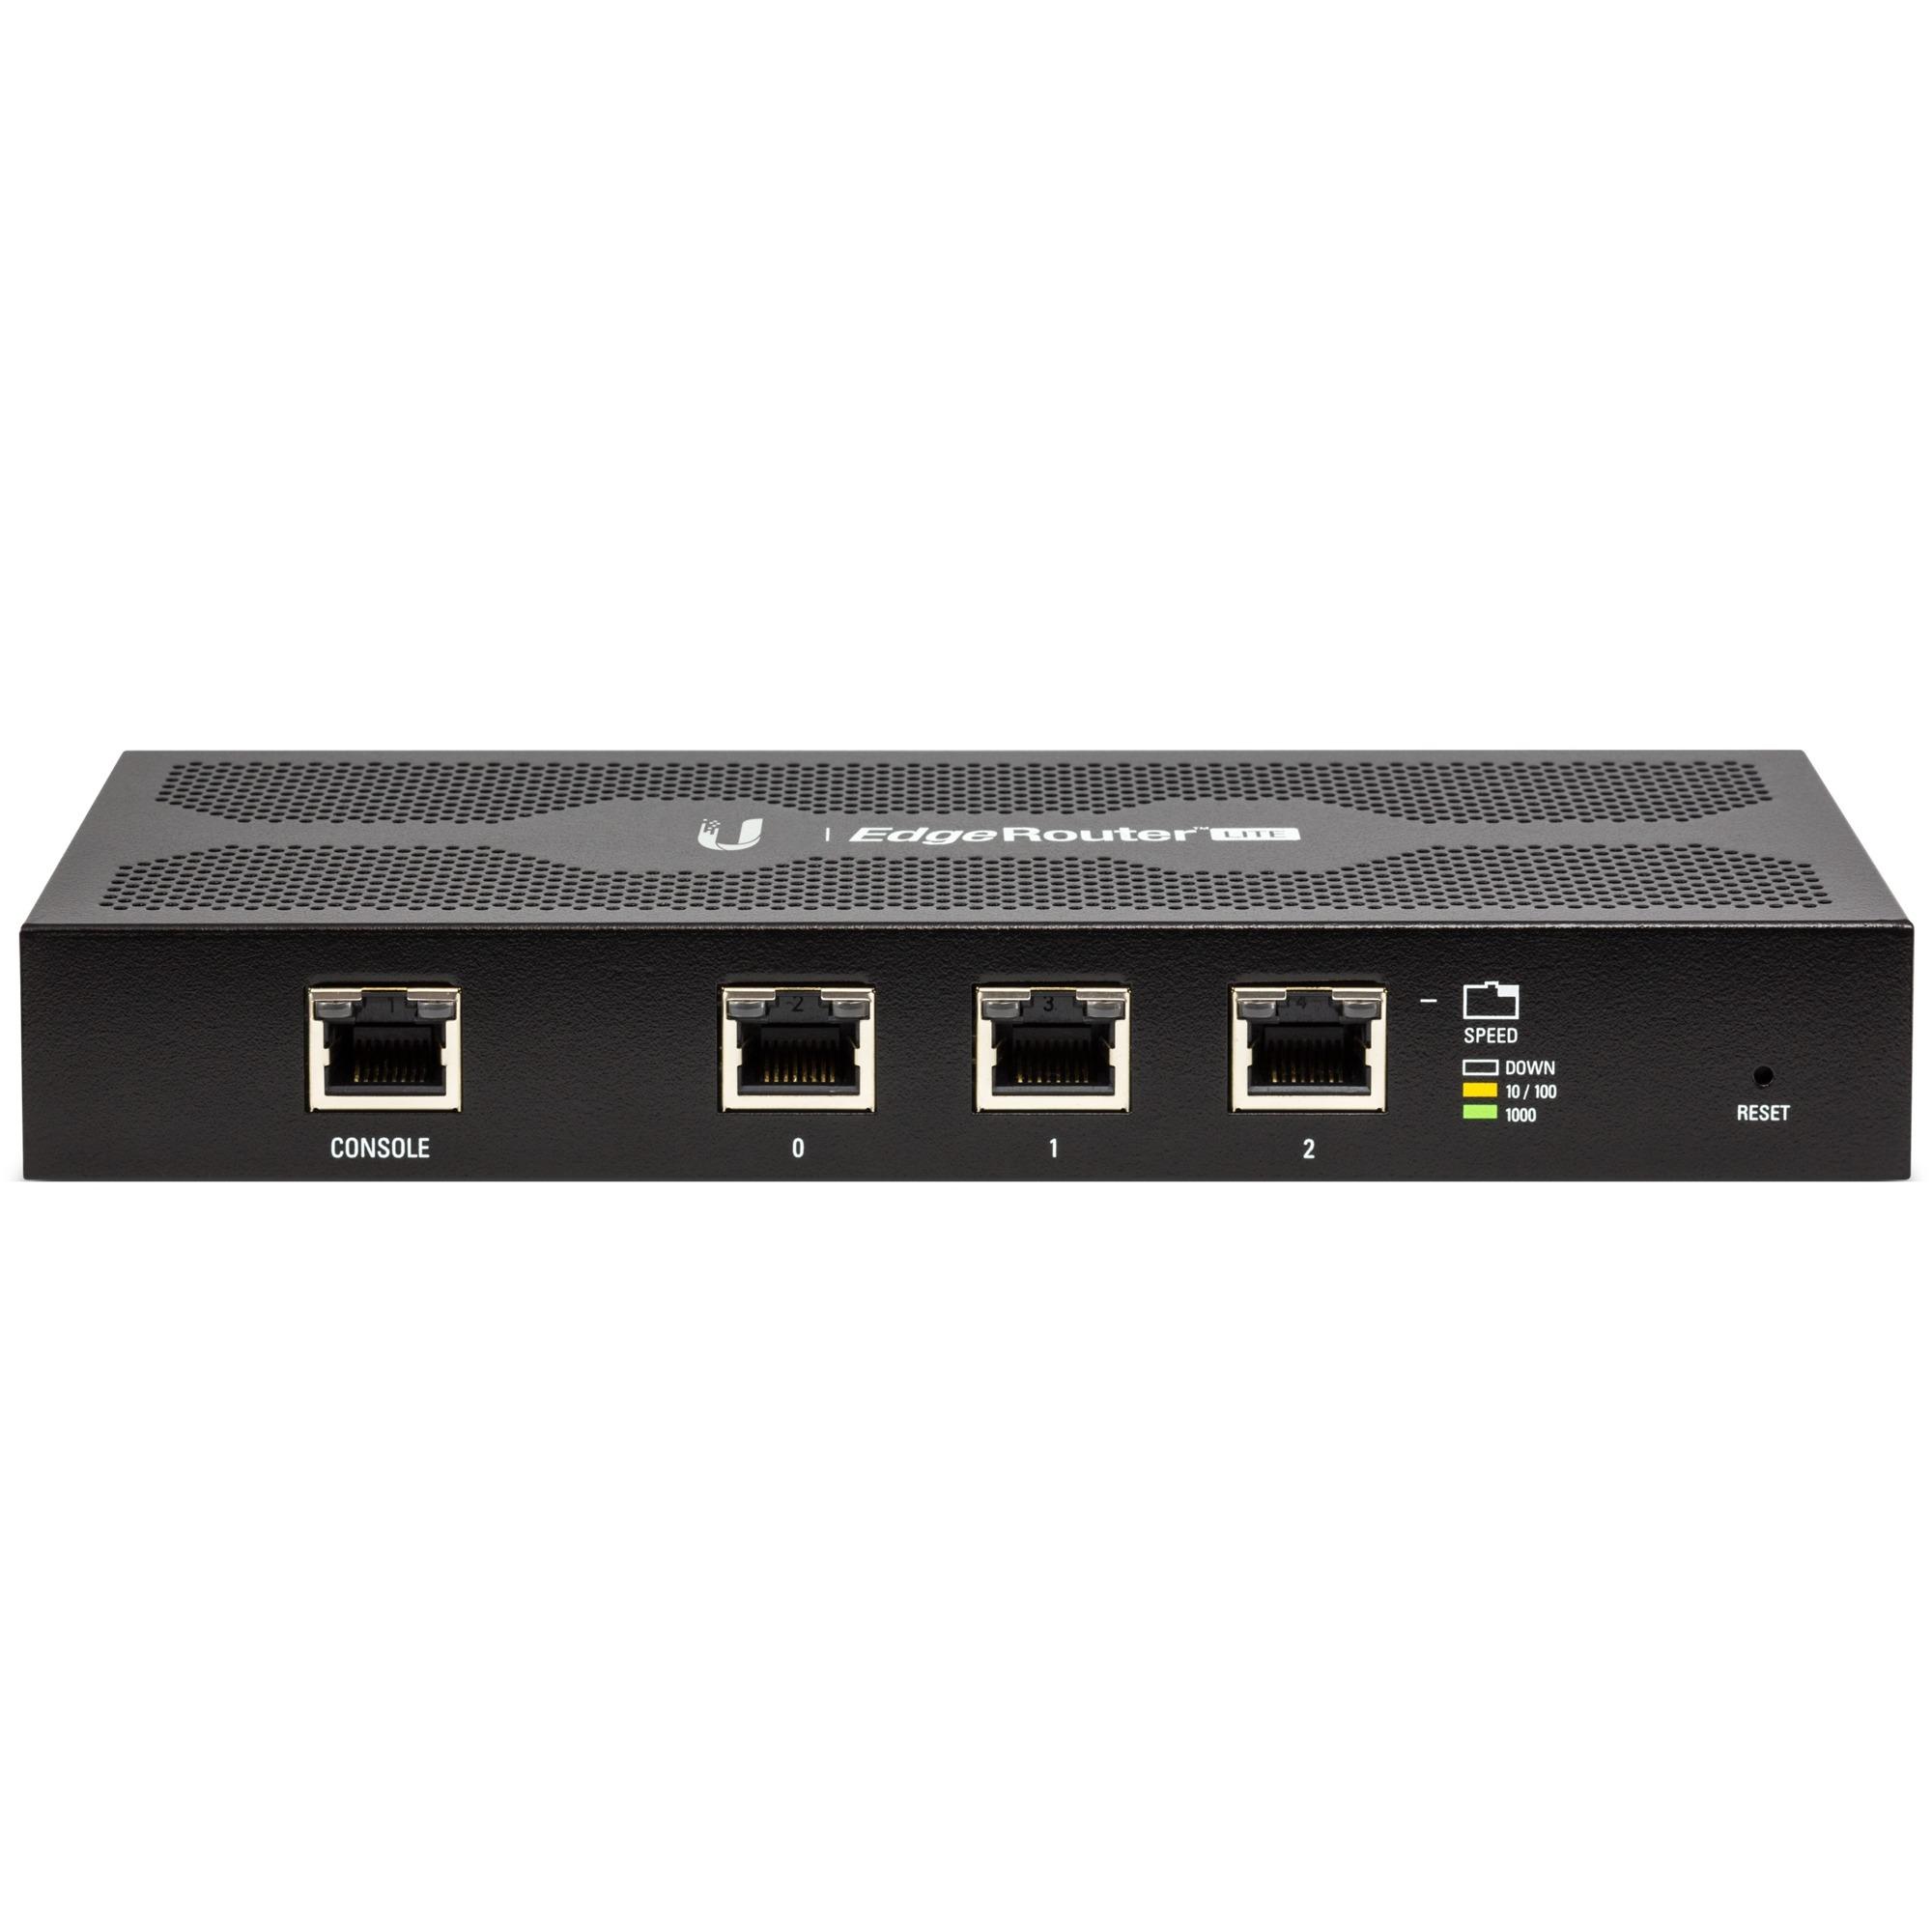 EdgeRouter ERLITE-3 router Gigabit Ethernet